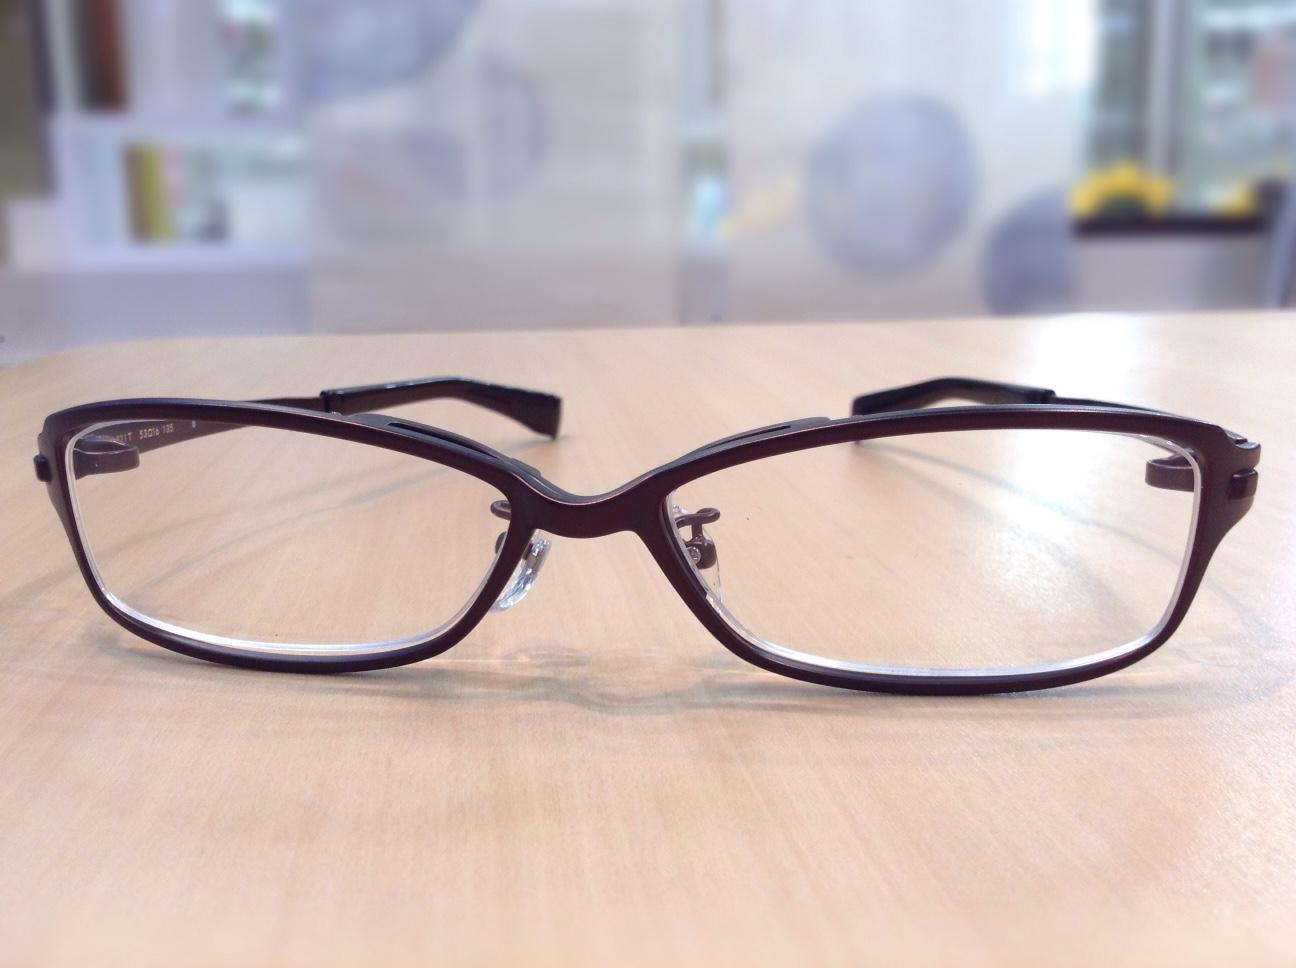 フォーナインズ 品番:S-821T  カラー:8(ダークブラウンマット) レンズサイズ:53ミリ